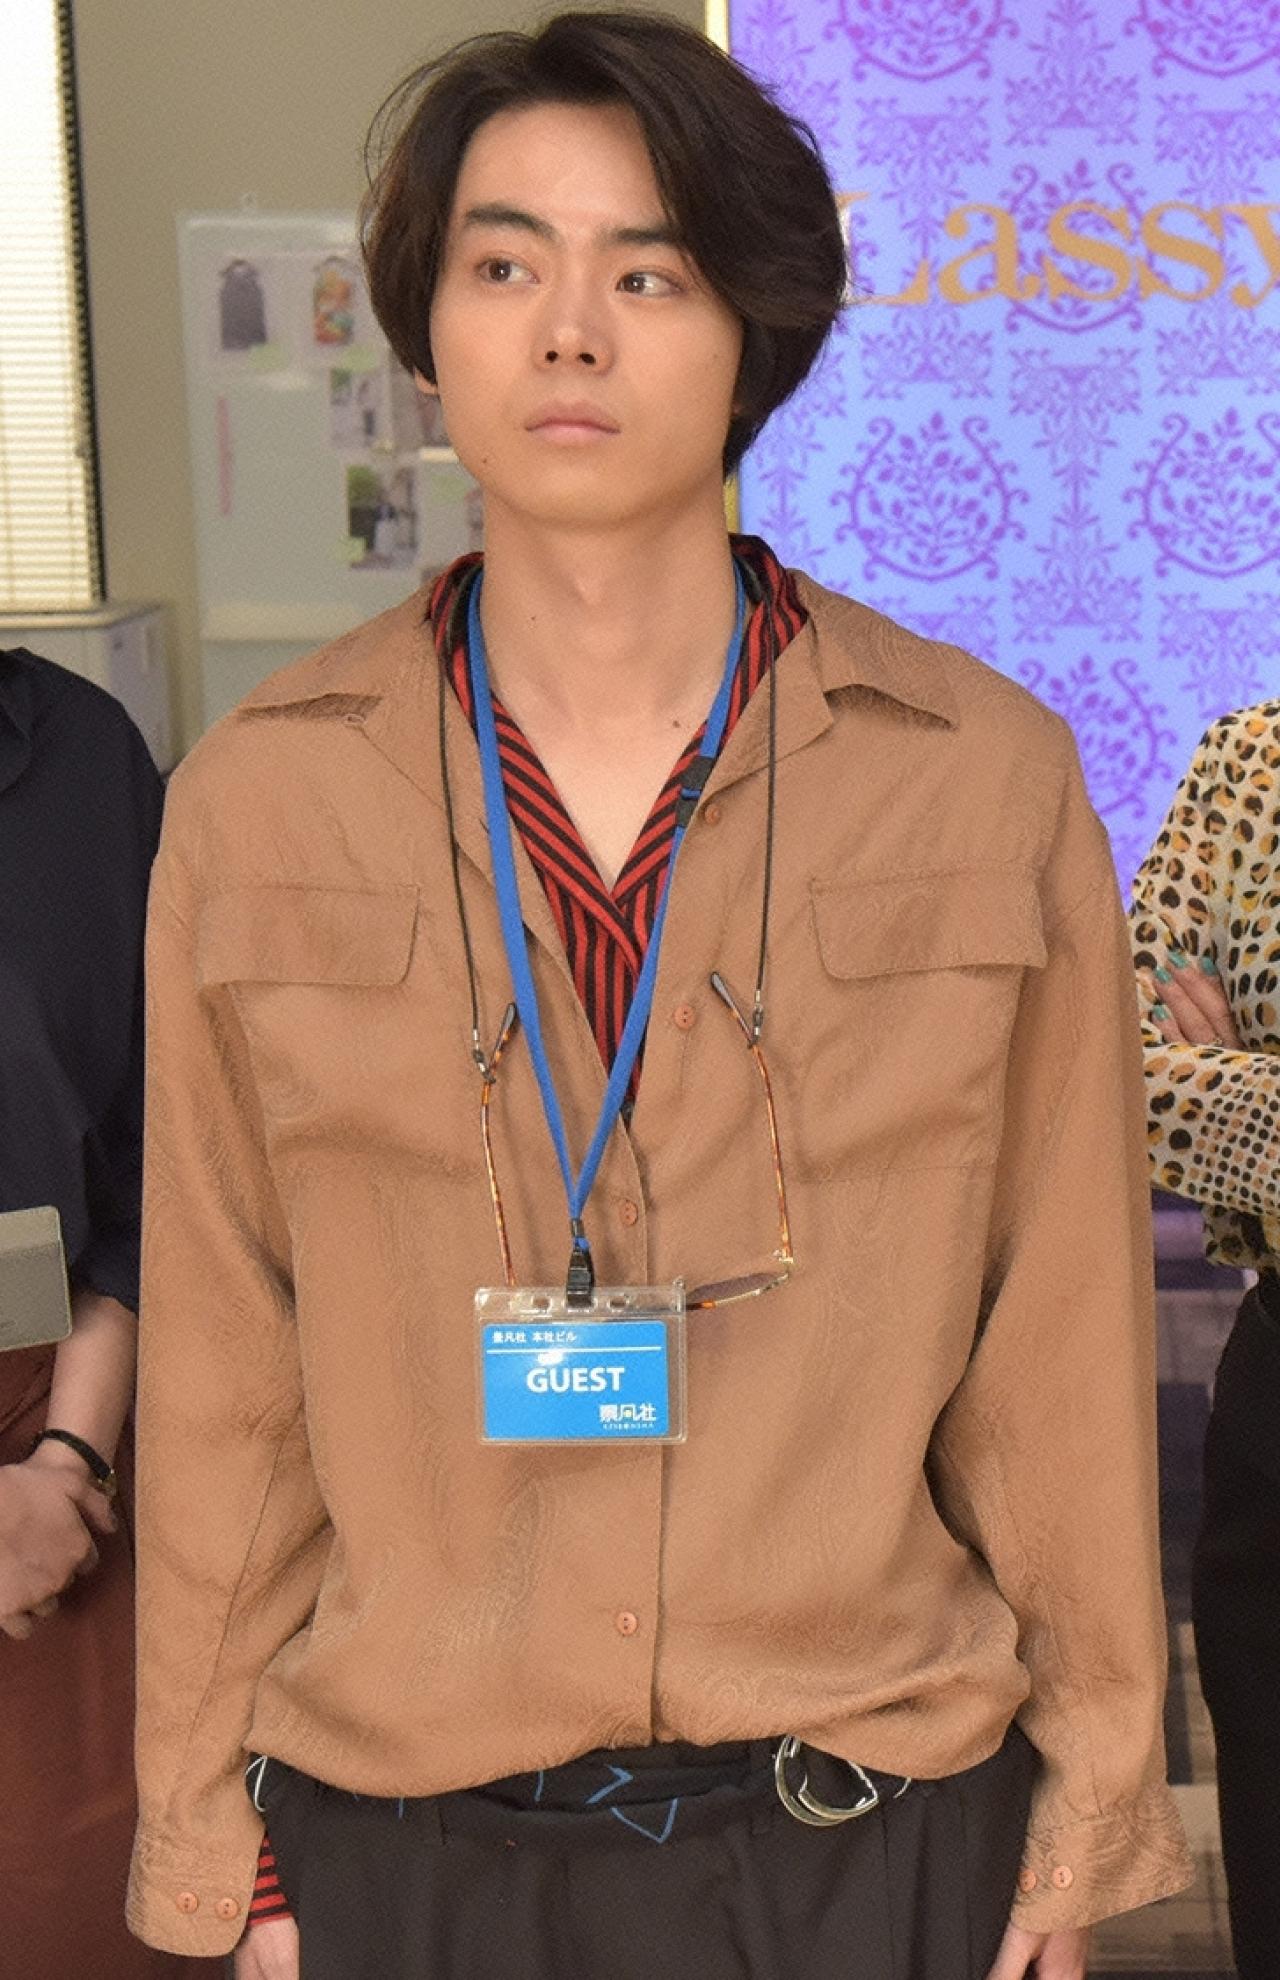 『校閲ガール』で石原さとみと共演する菅田将暉 (C)日本テレビ